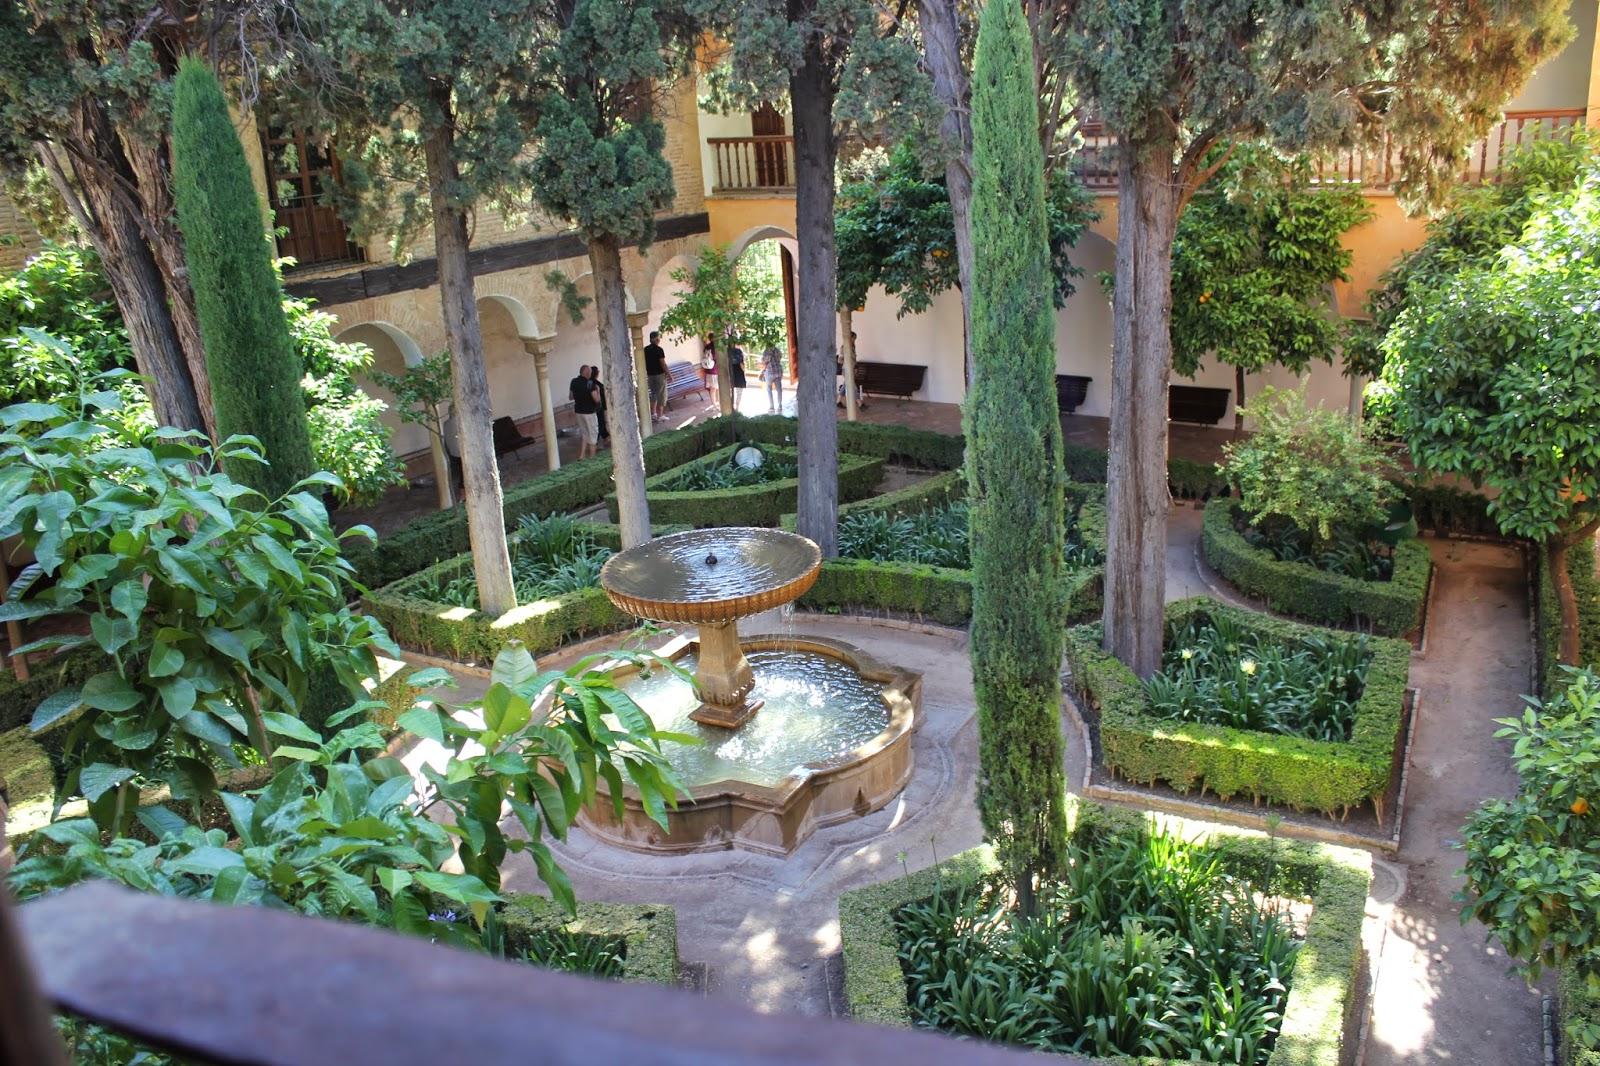 Maravillas ocultas de espa a granada la alhambra iii los palacios nazar es - Residencia los jardines granada ...